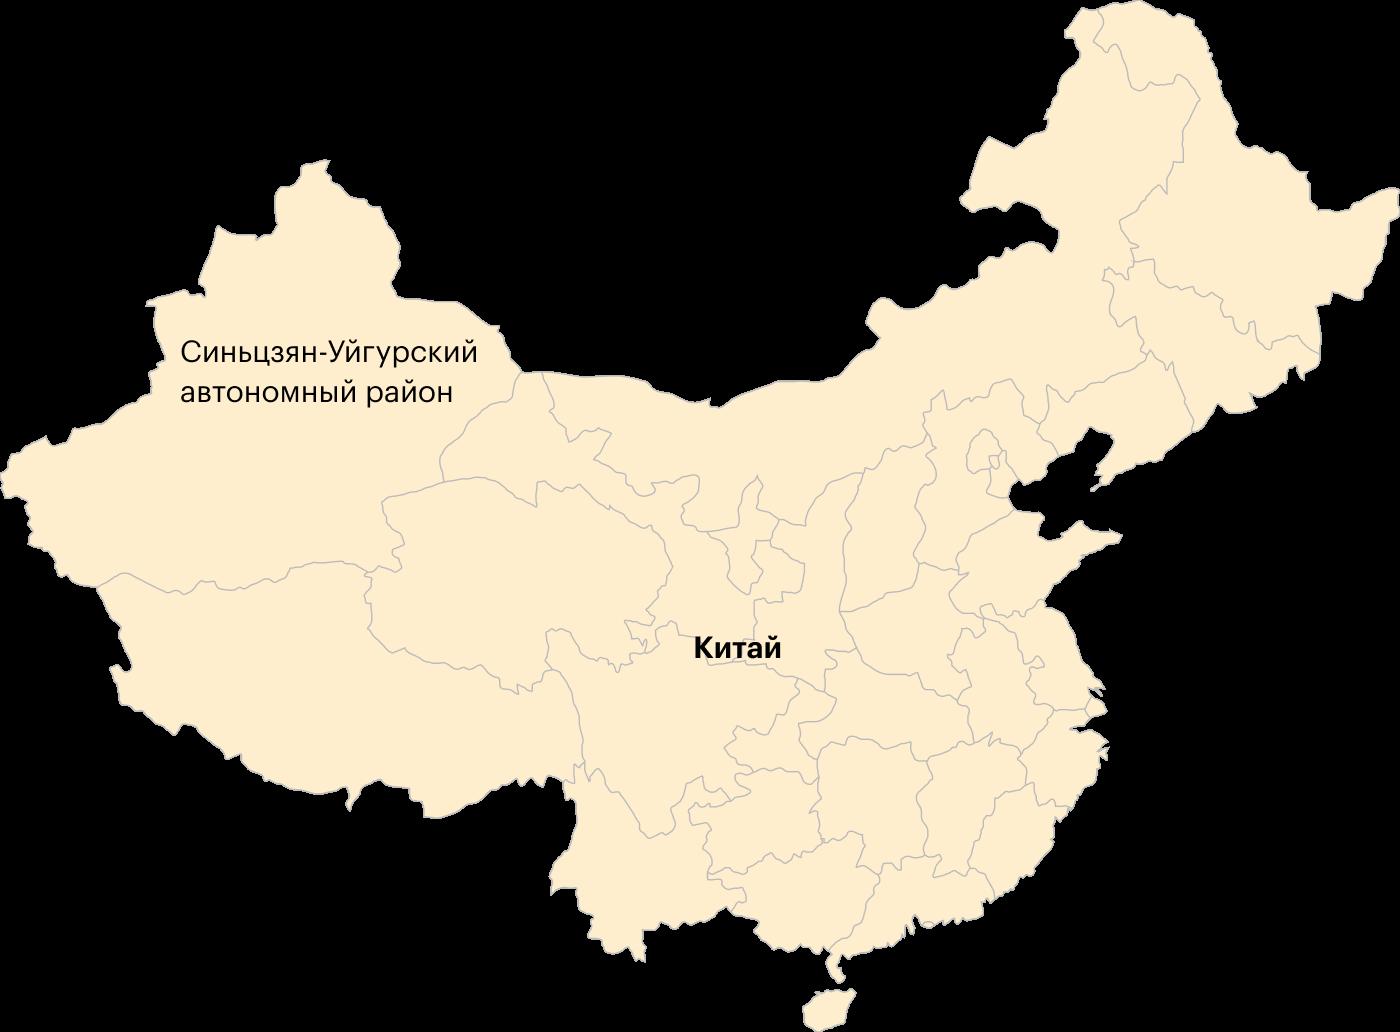 Обзор: как санкции за Синьцзян могут отразиться на инвесторах